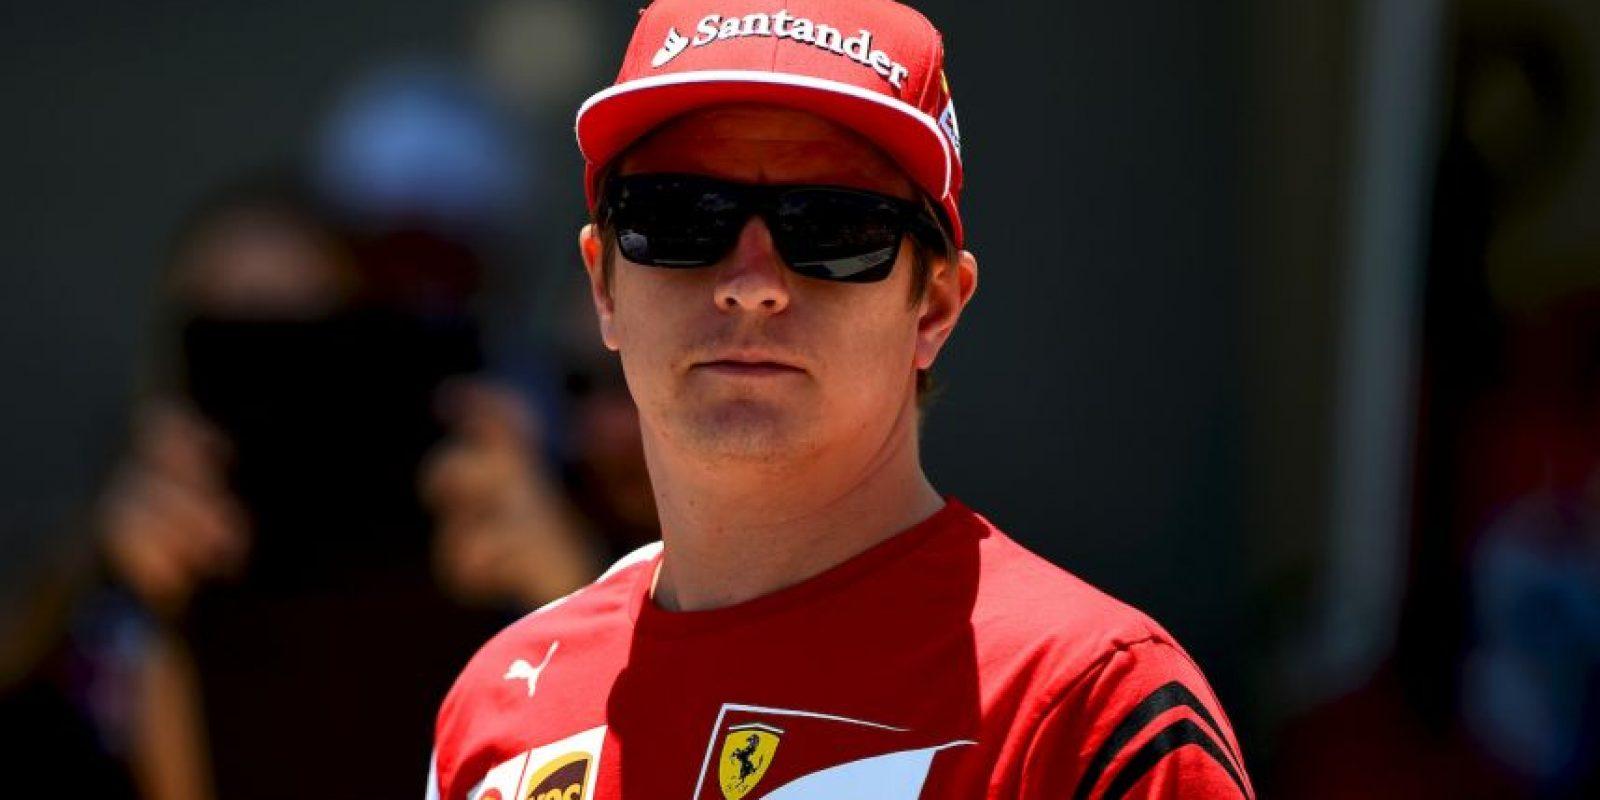 Raikkonen fue el último monarca de Ferrari en 2007 Foto:Getty